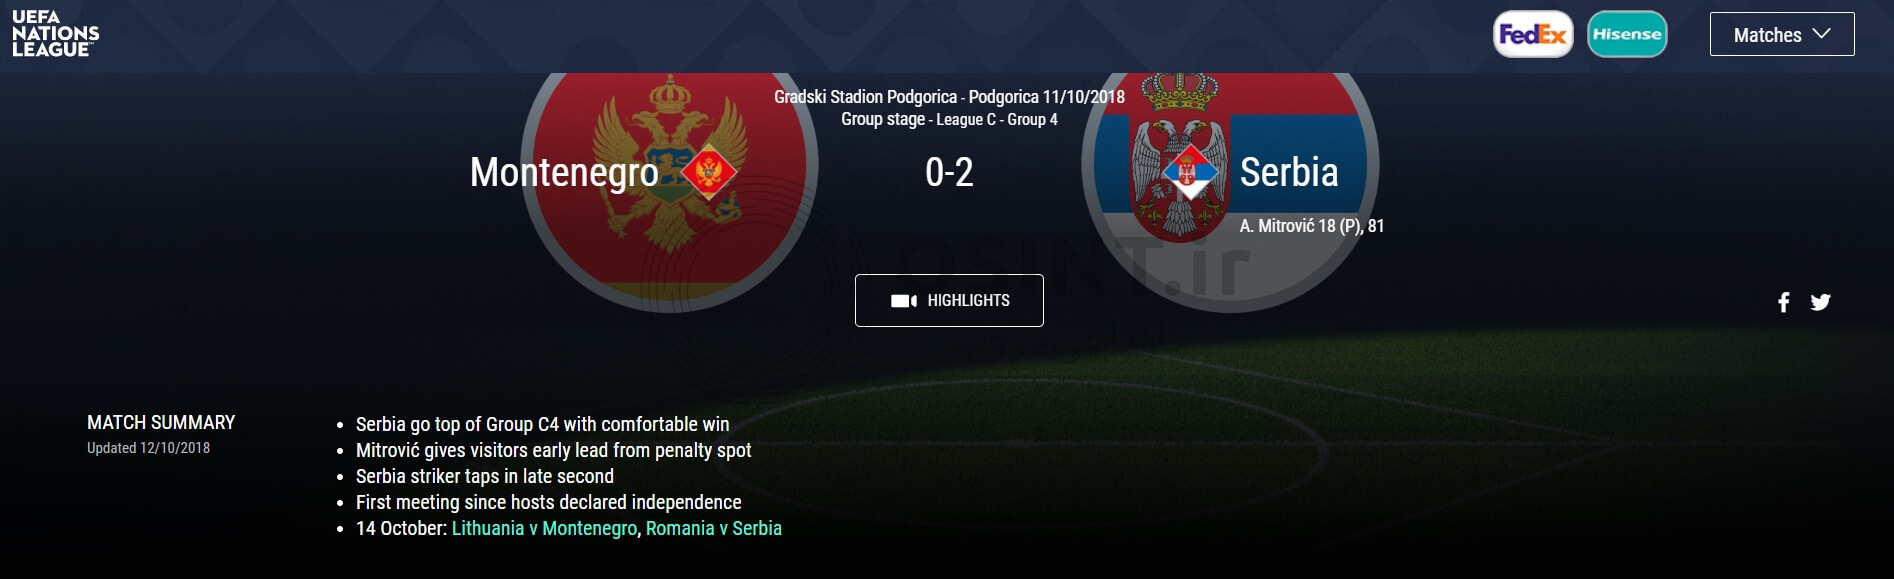 دیدار مونتنهگرو و صربستان